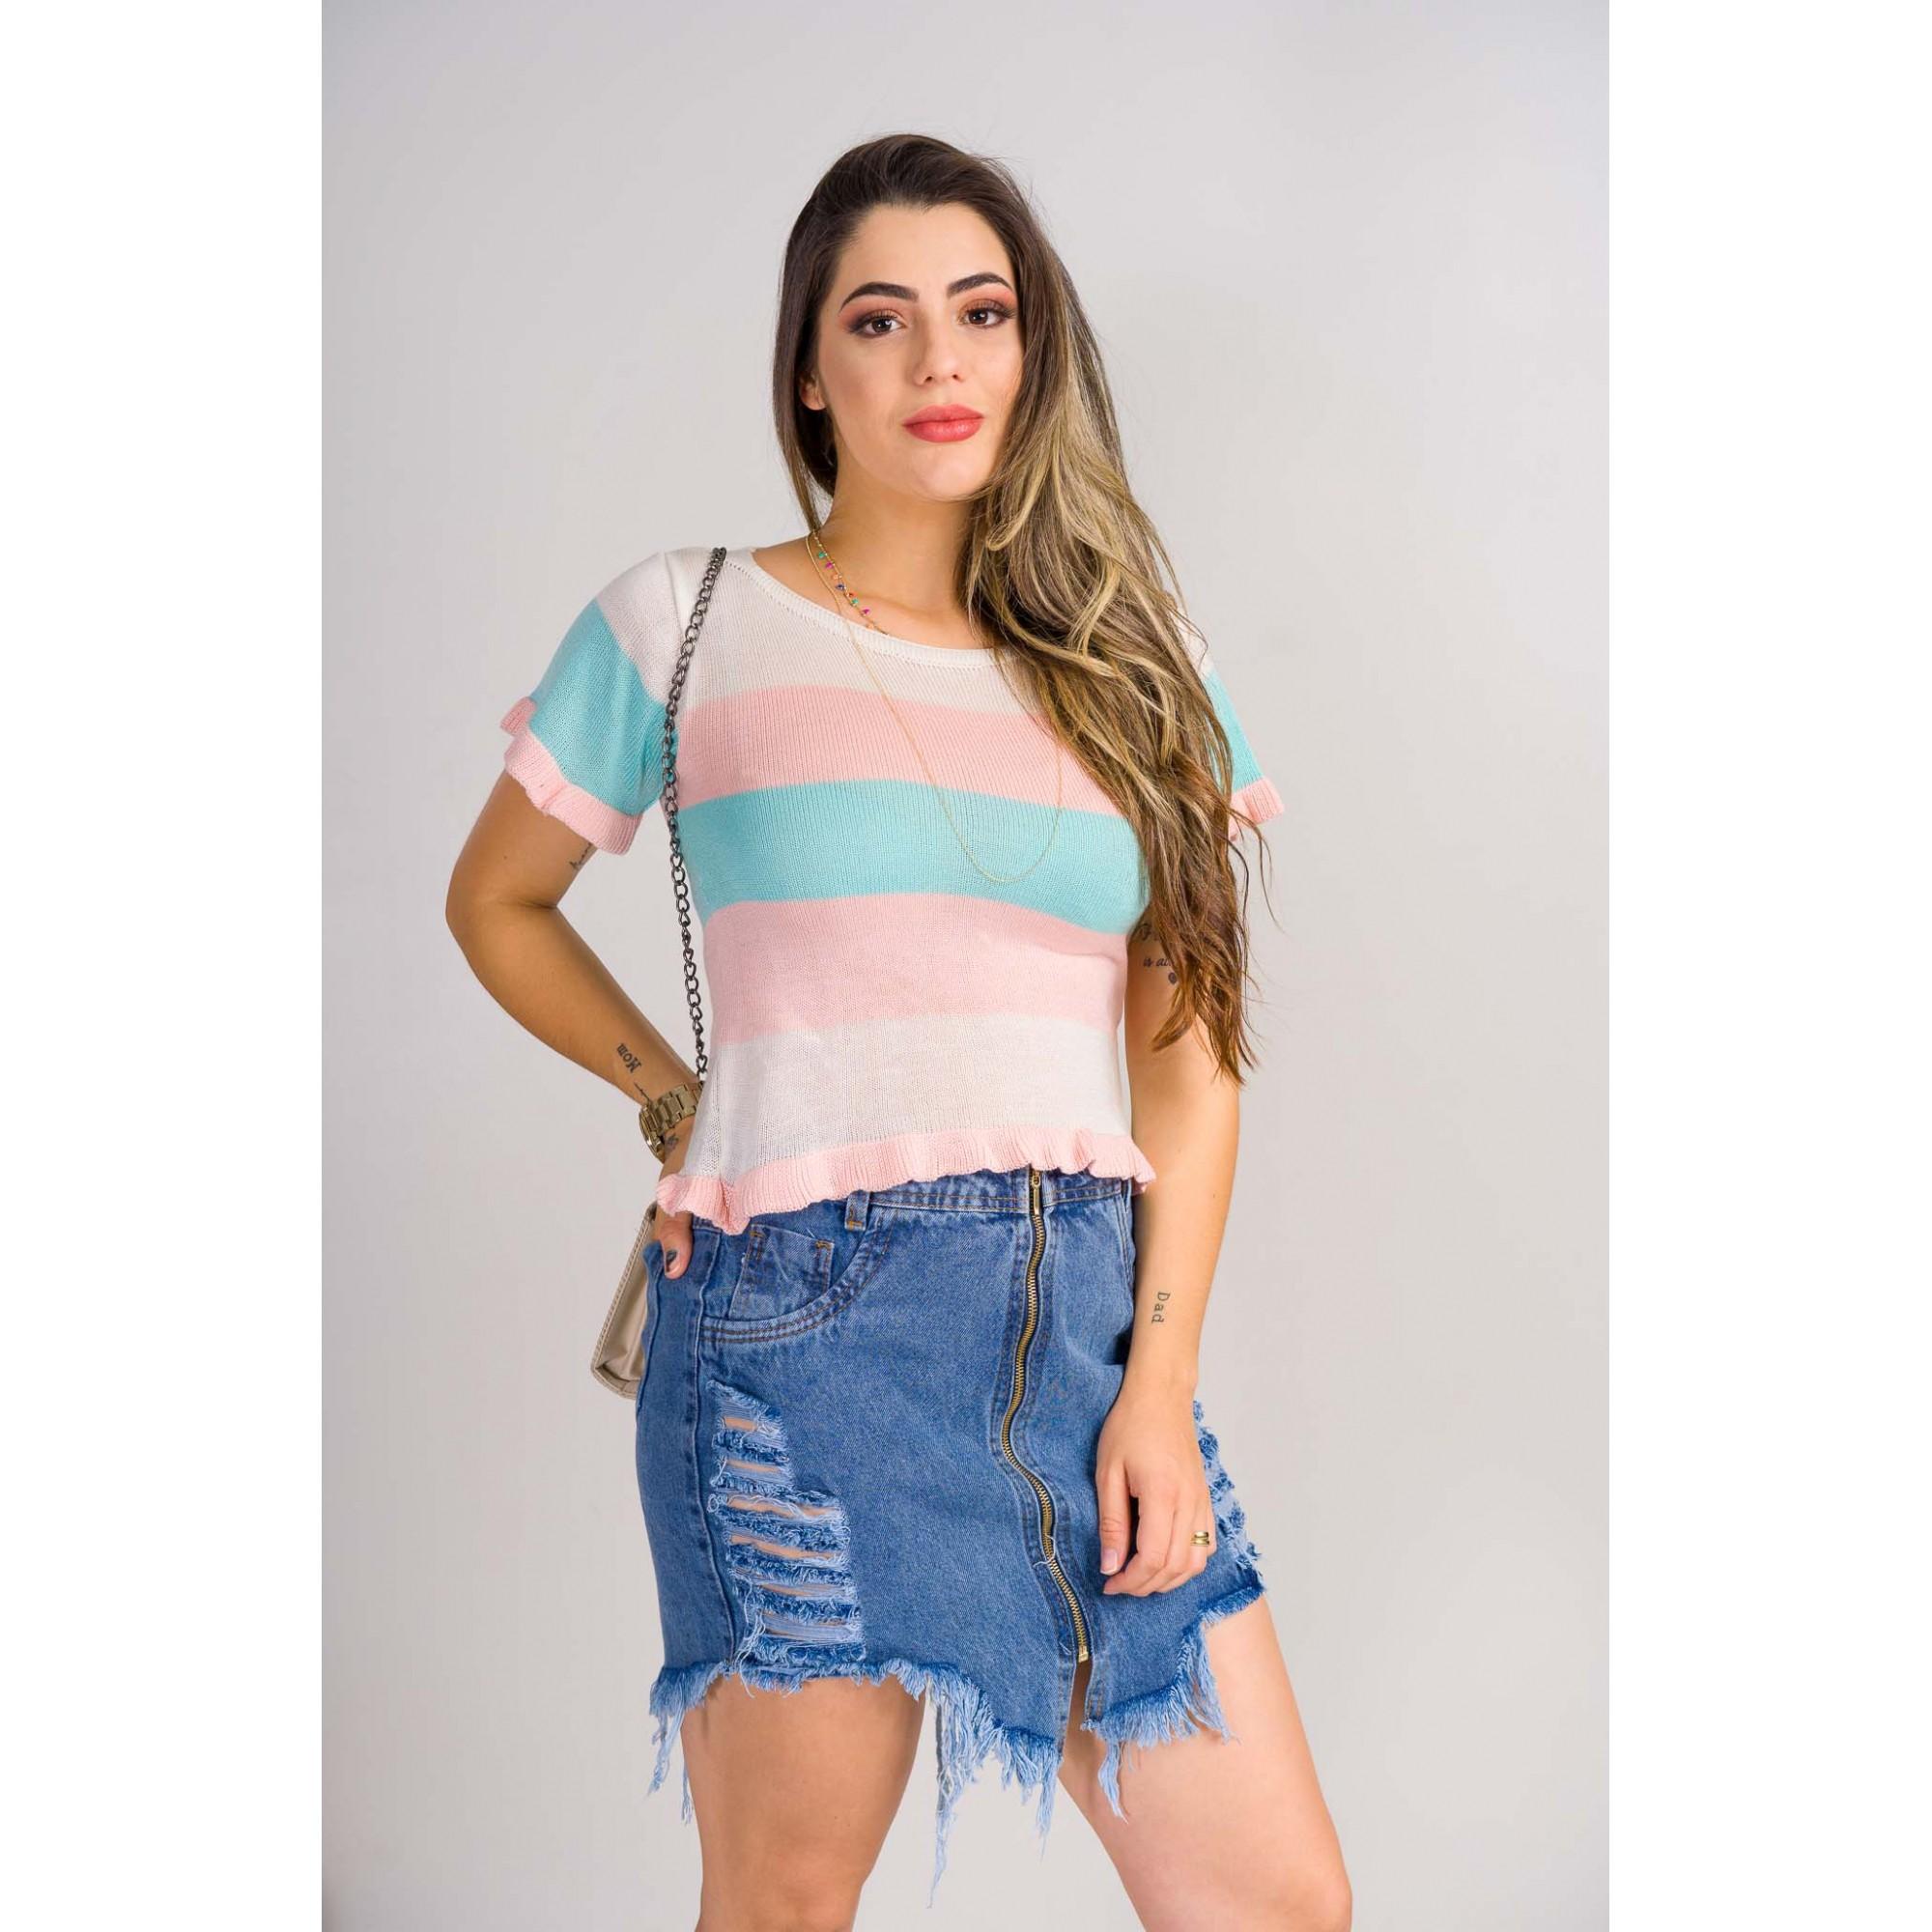 tricot de verão blusinha listrada com babado no punho